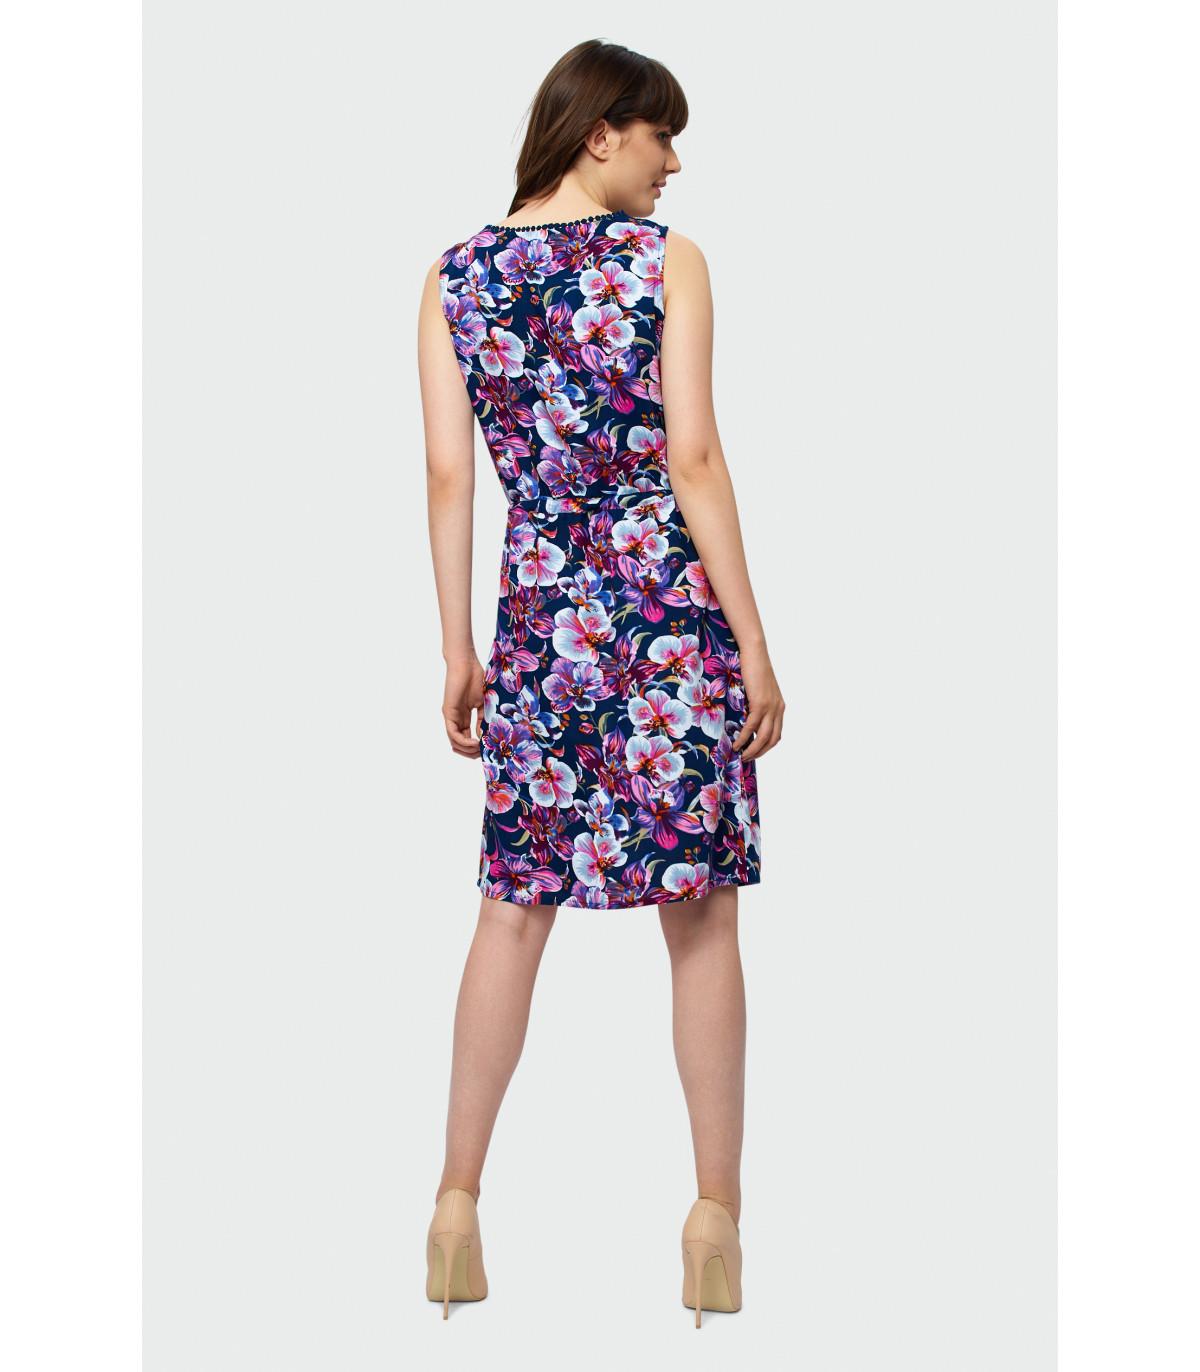 5a830a31dd Wiskozowa sukienka bez rękawów Rozmiar 38 Kolor S19FLW92